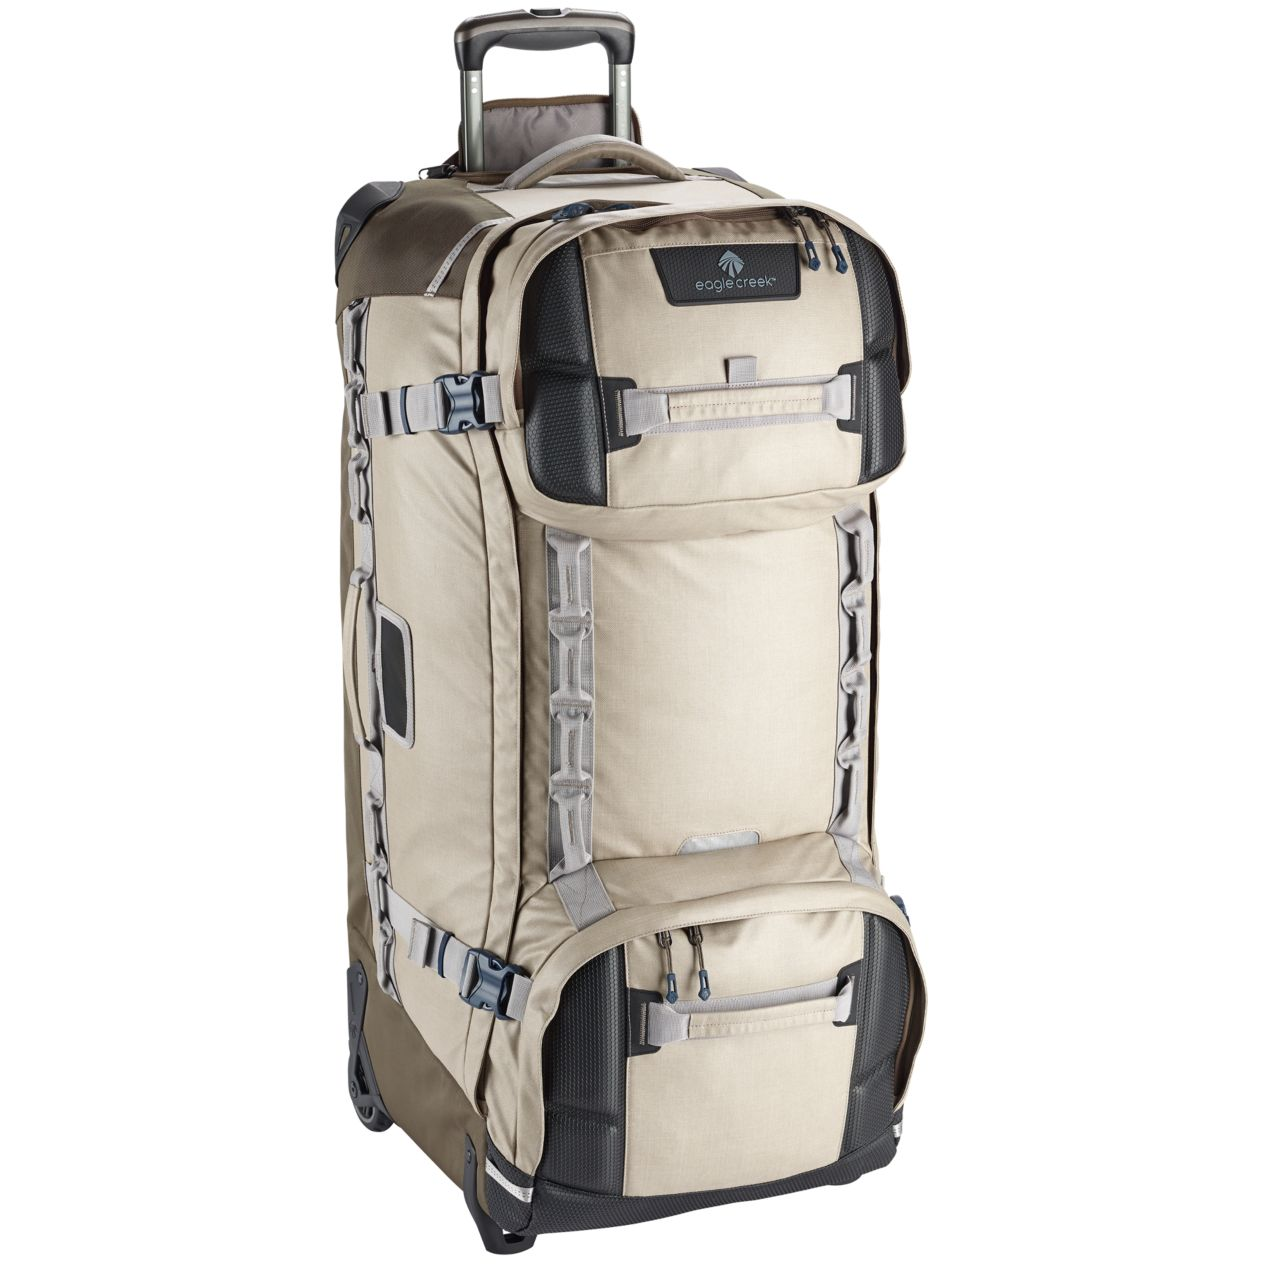 Eagle Creek Wayfinder 30l Backpack Multiuse 17in Laptop Hidden Tech Pocket Carry On